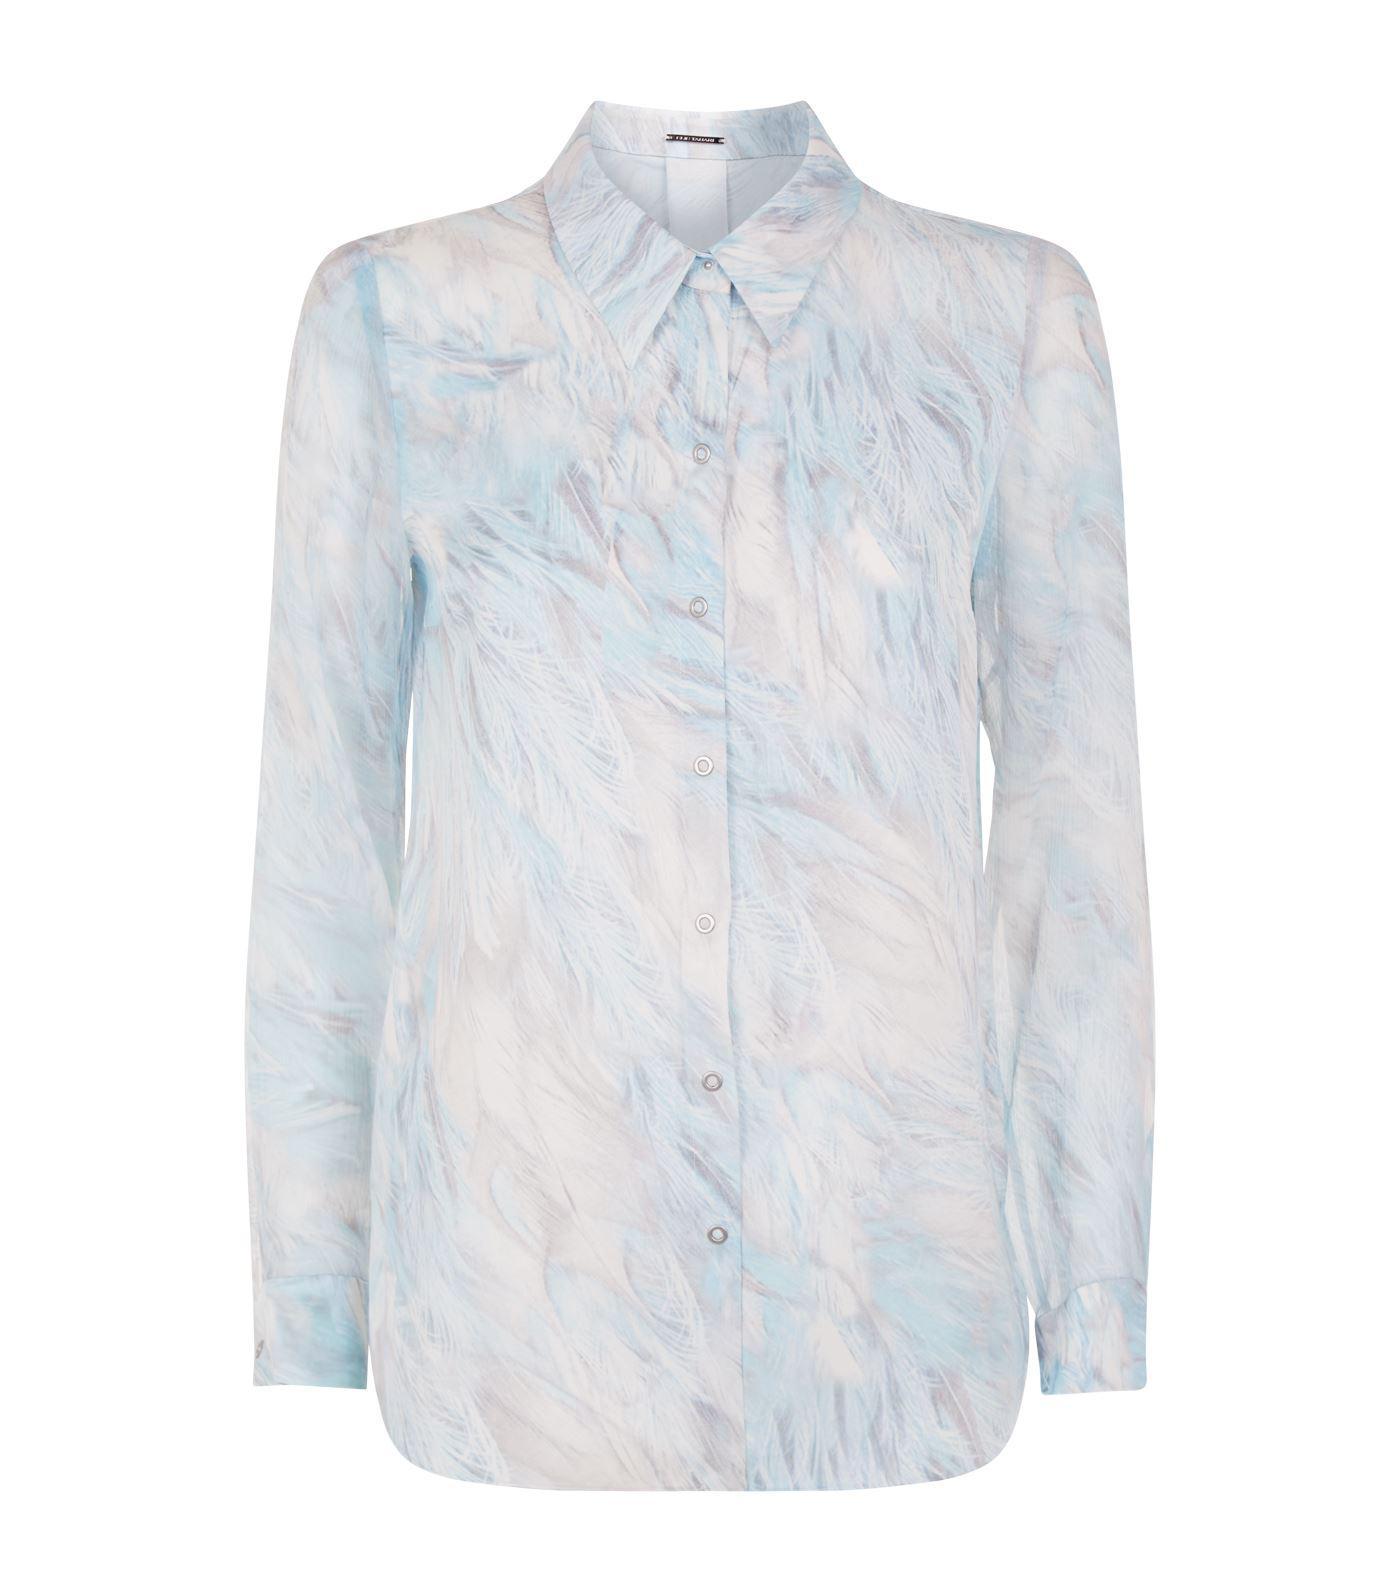 b520dd2177adbf Lyst - Elie Tahari Martha Feather Print Blouse in Blue